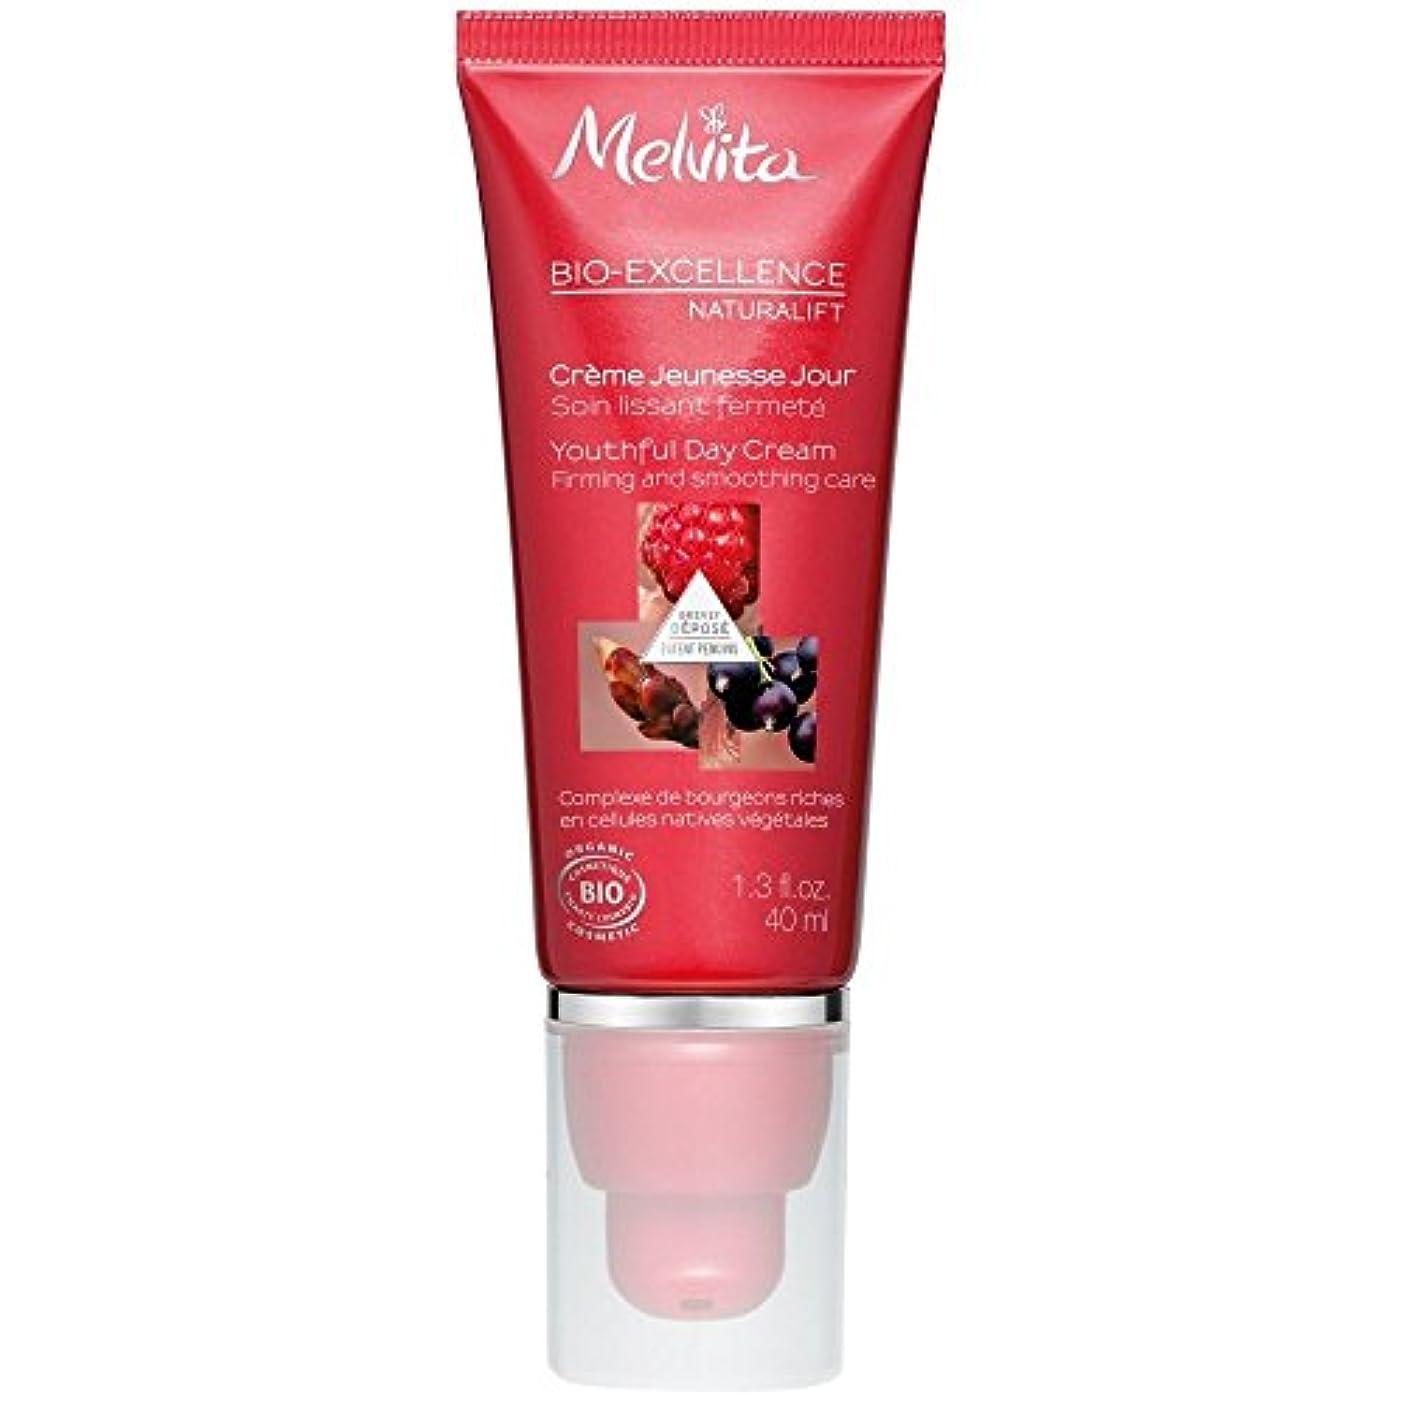 ぴかぴか任命自分自身[Melvita] メルヴィータバイオ優秀若々しいデイクリーム、40ミリリットル - Melvita Bio-Excellence Youthful Day Cream, 40ml [並行輸入品]